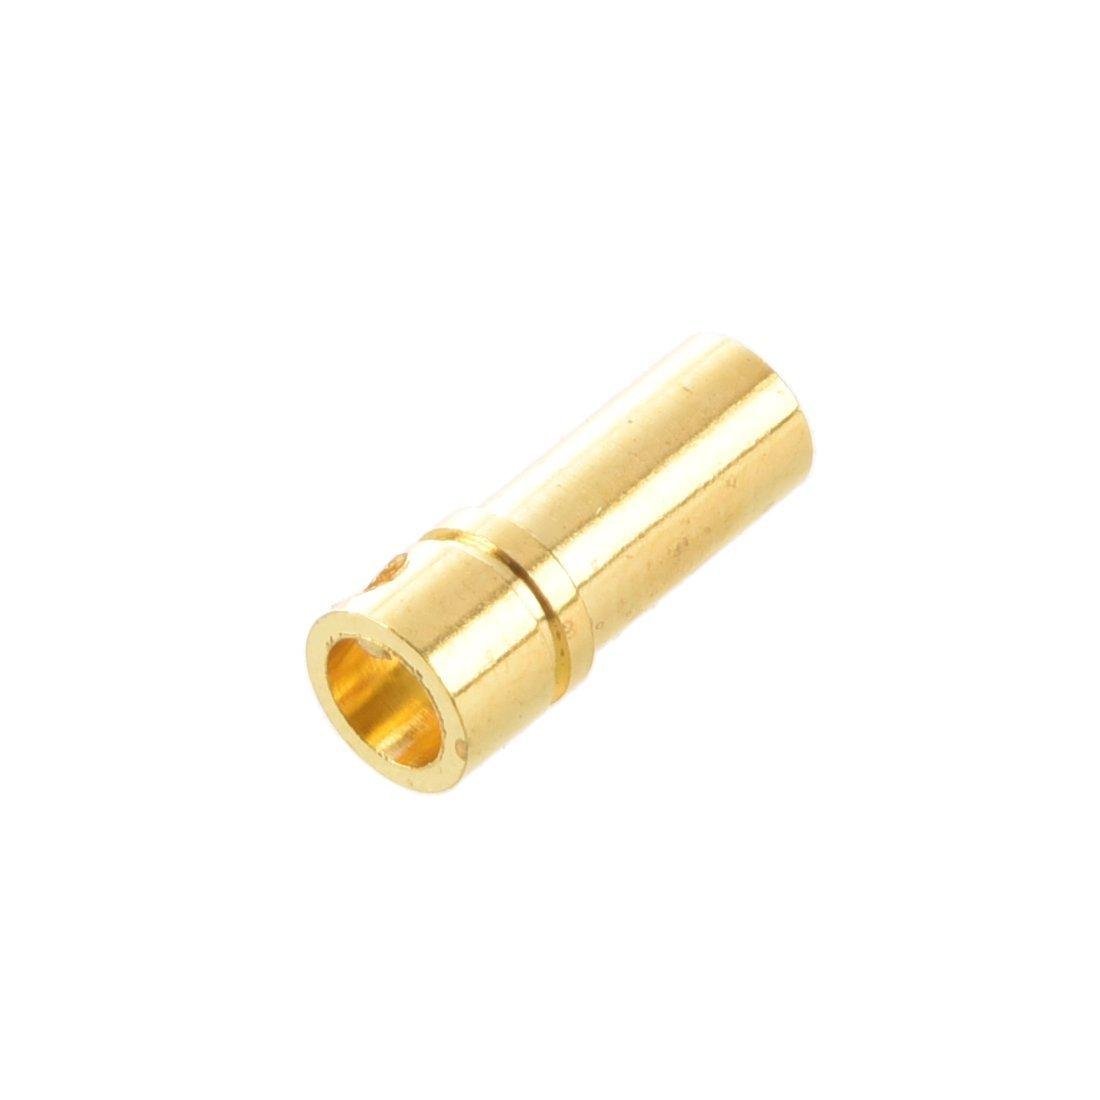 SODIAL Conector del motor R 20 pares 3.5 mm Chapado en oro Conectores electronicos del motor clavija de platano